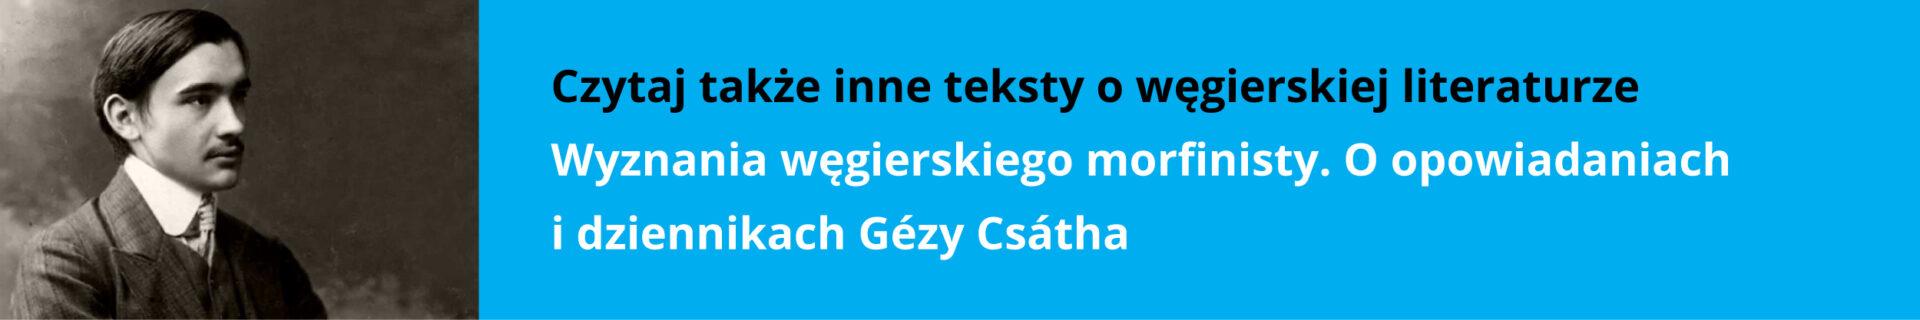 csath